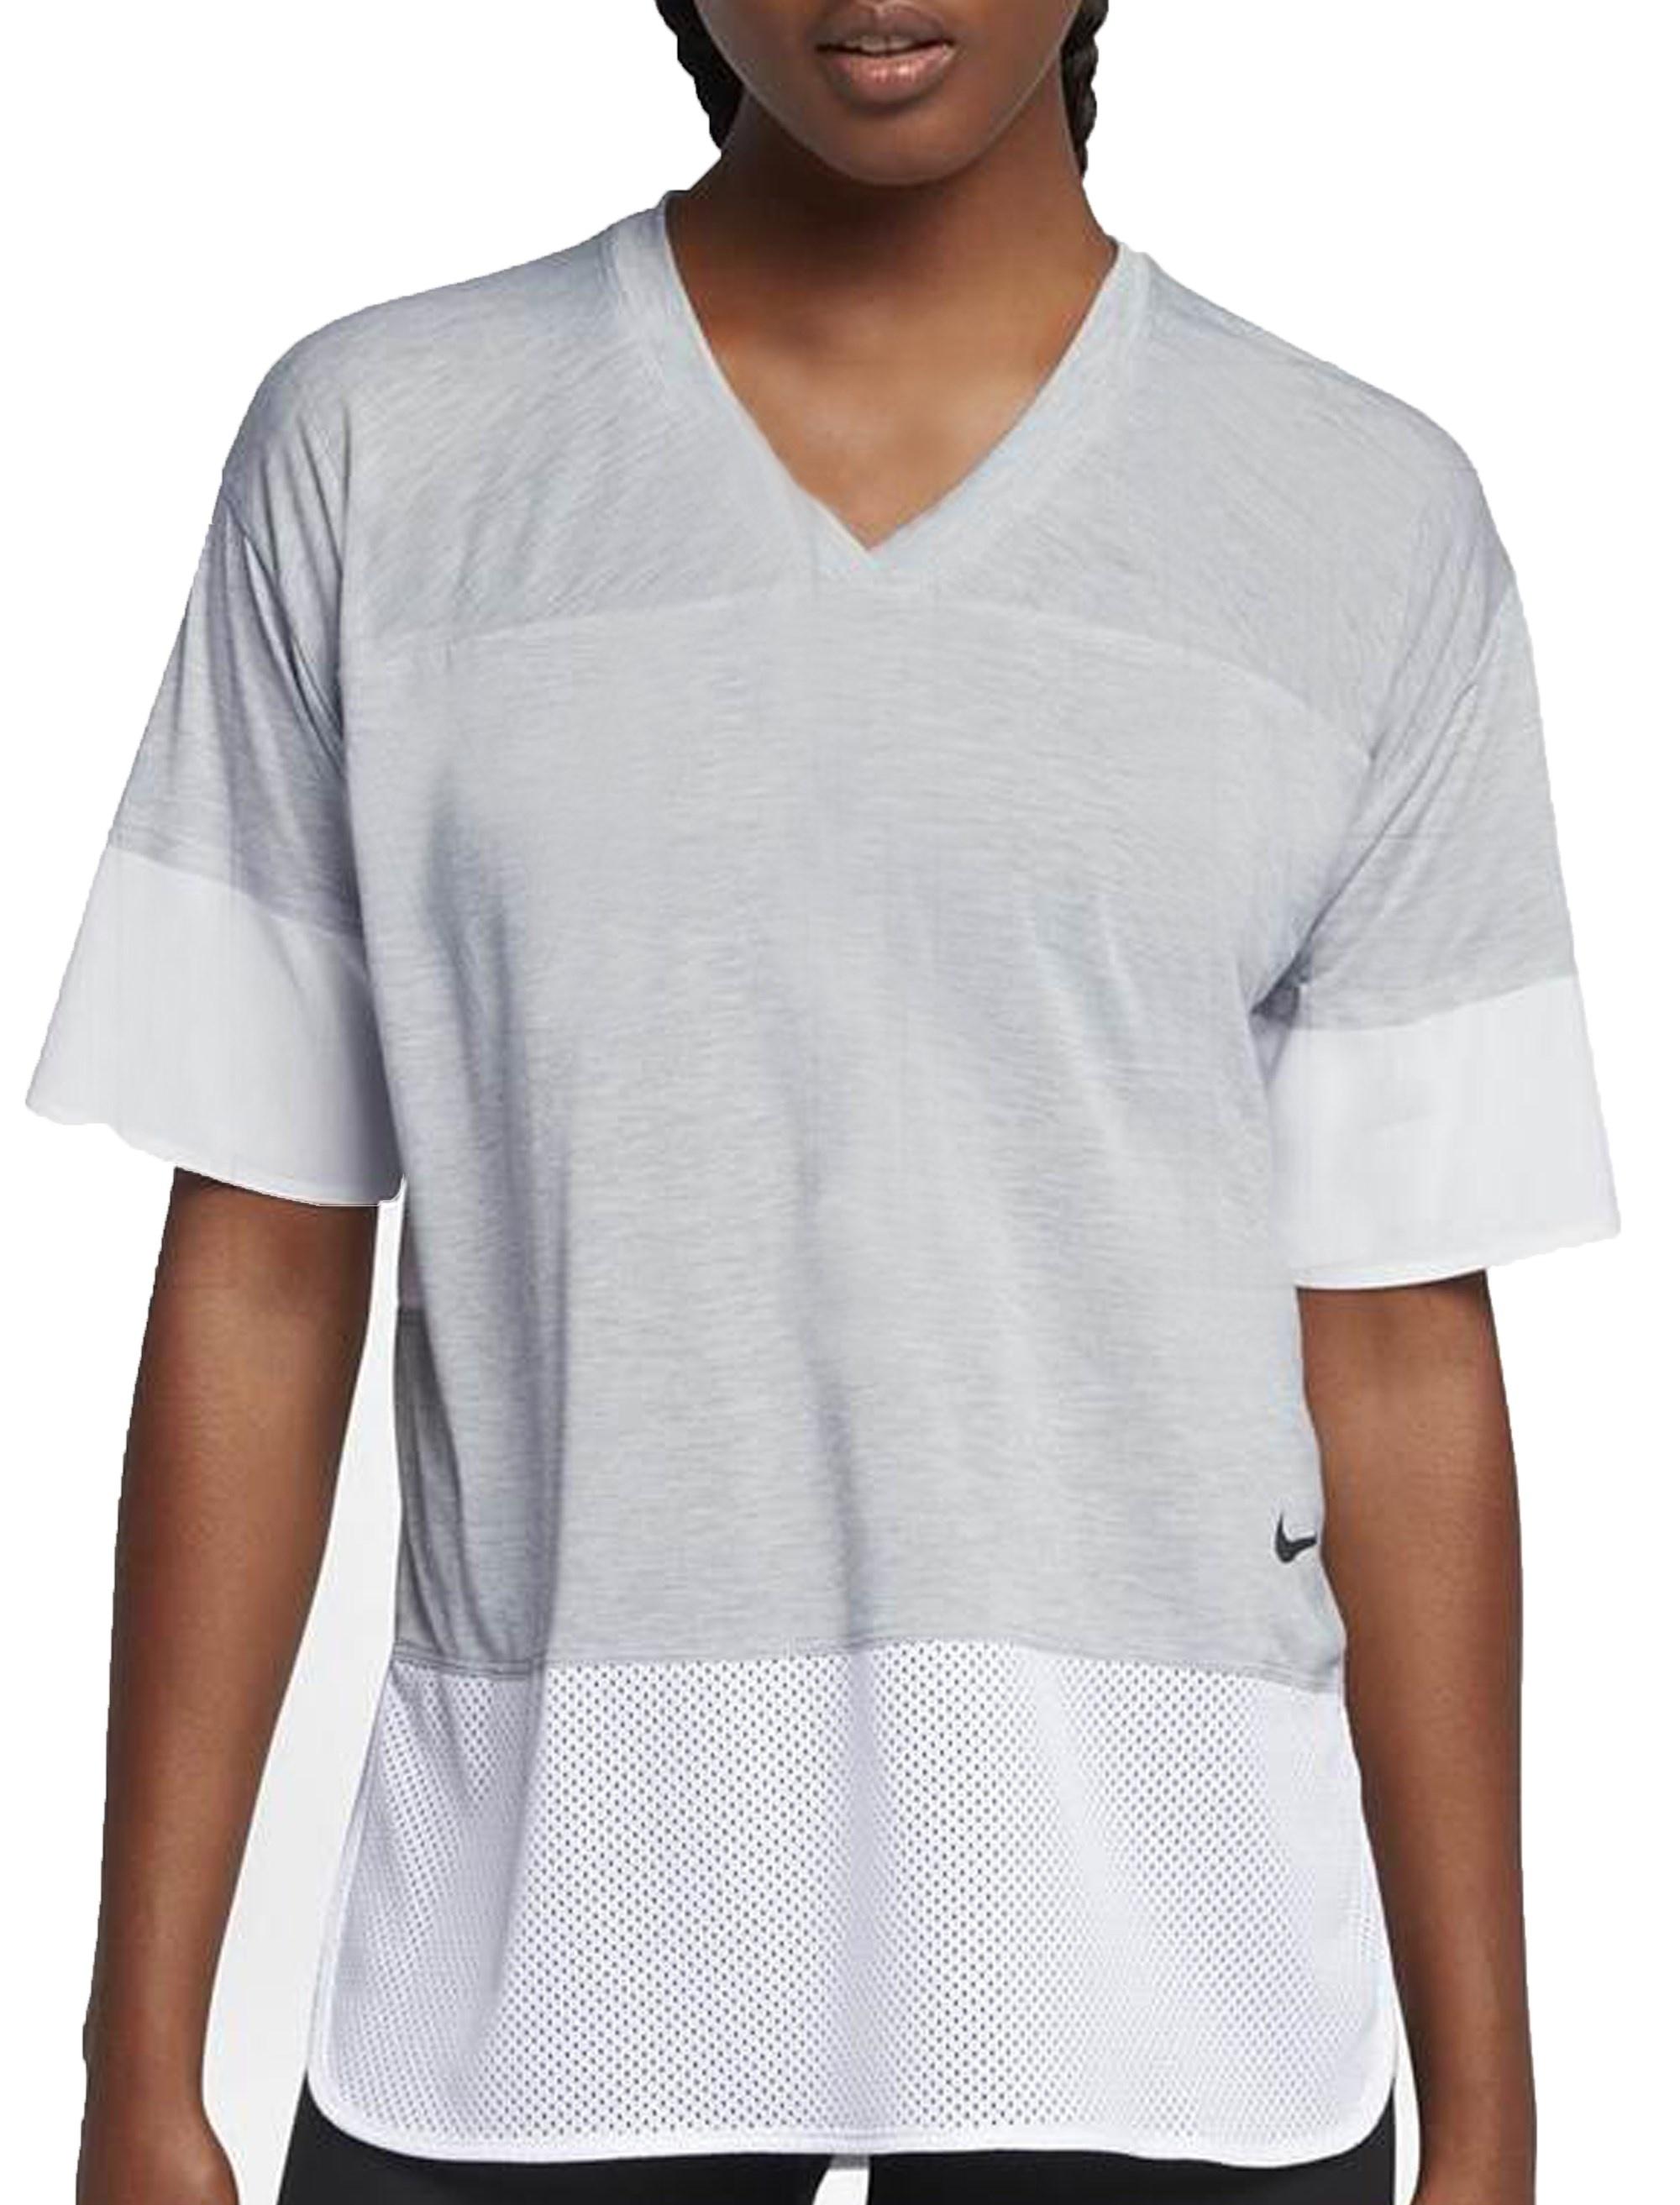 تی شرت ورزشی نخی زنانه - نایکی - طوسي - 4